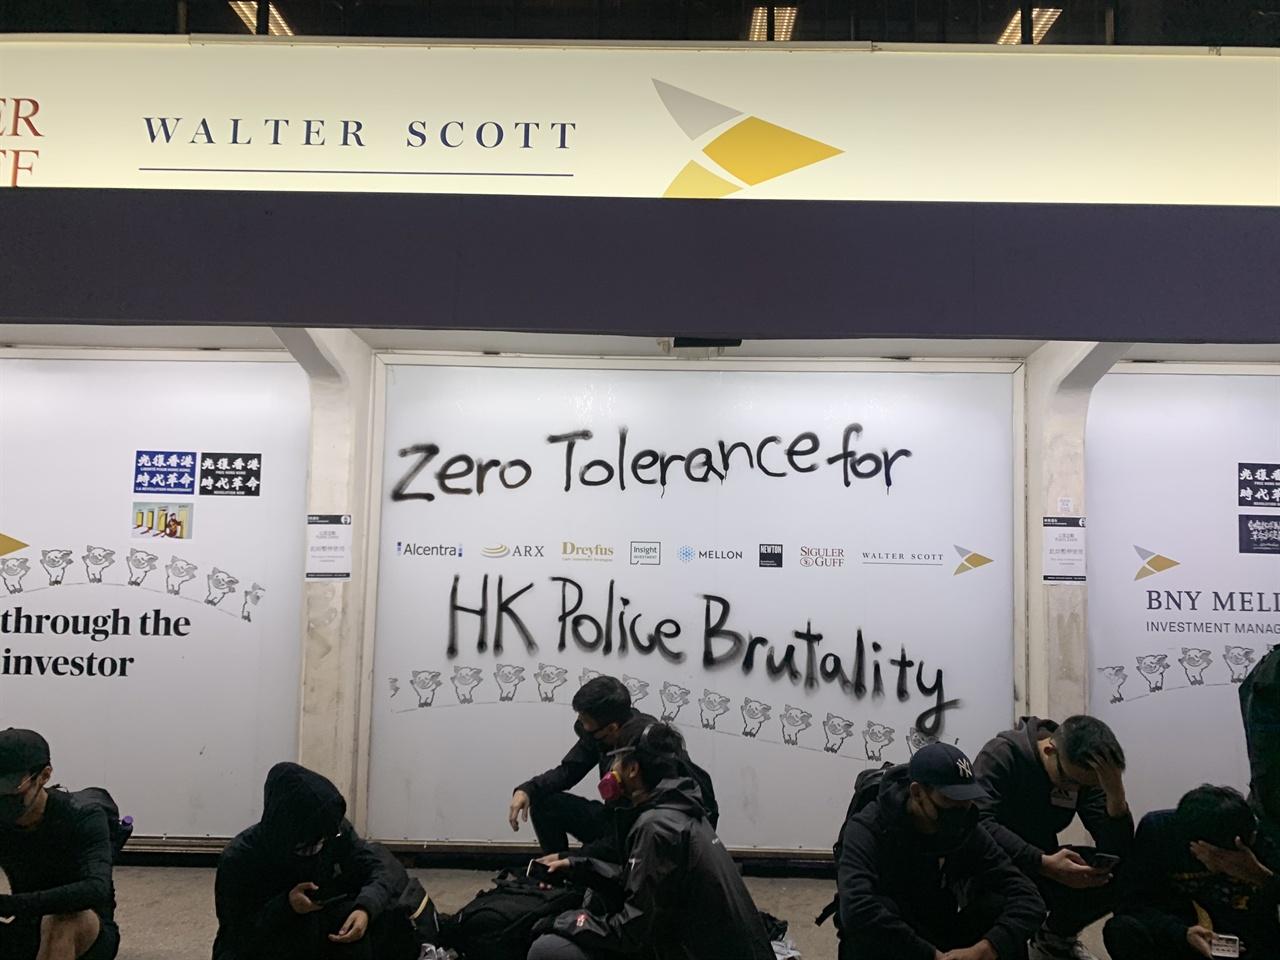 홍콩 거리 광고판에 적힌 구호.